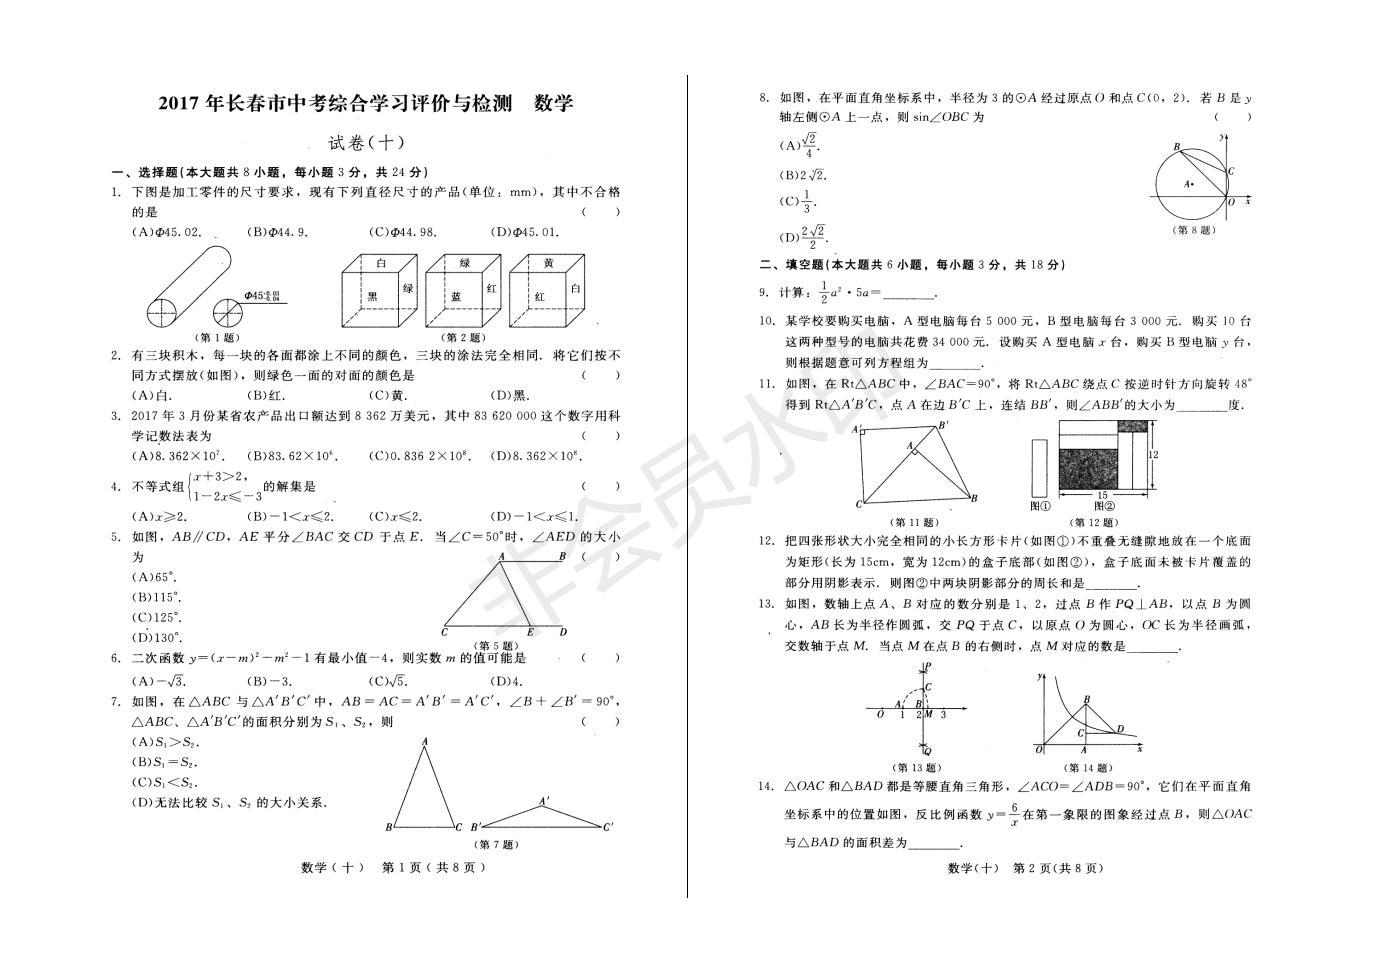 长春市中考综合学习评价与检测数学试卷(十)(ZKSX0189)